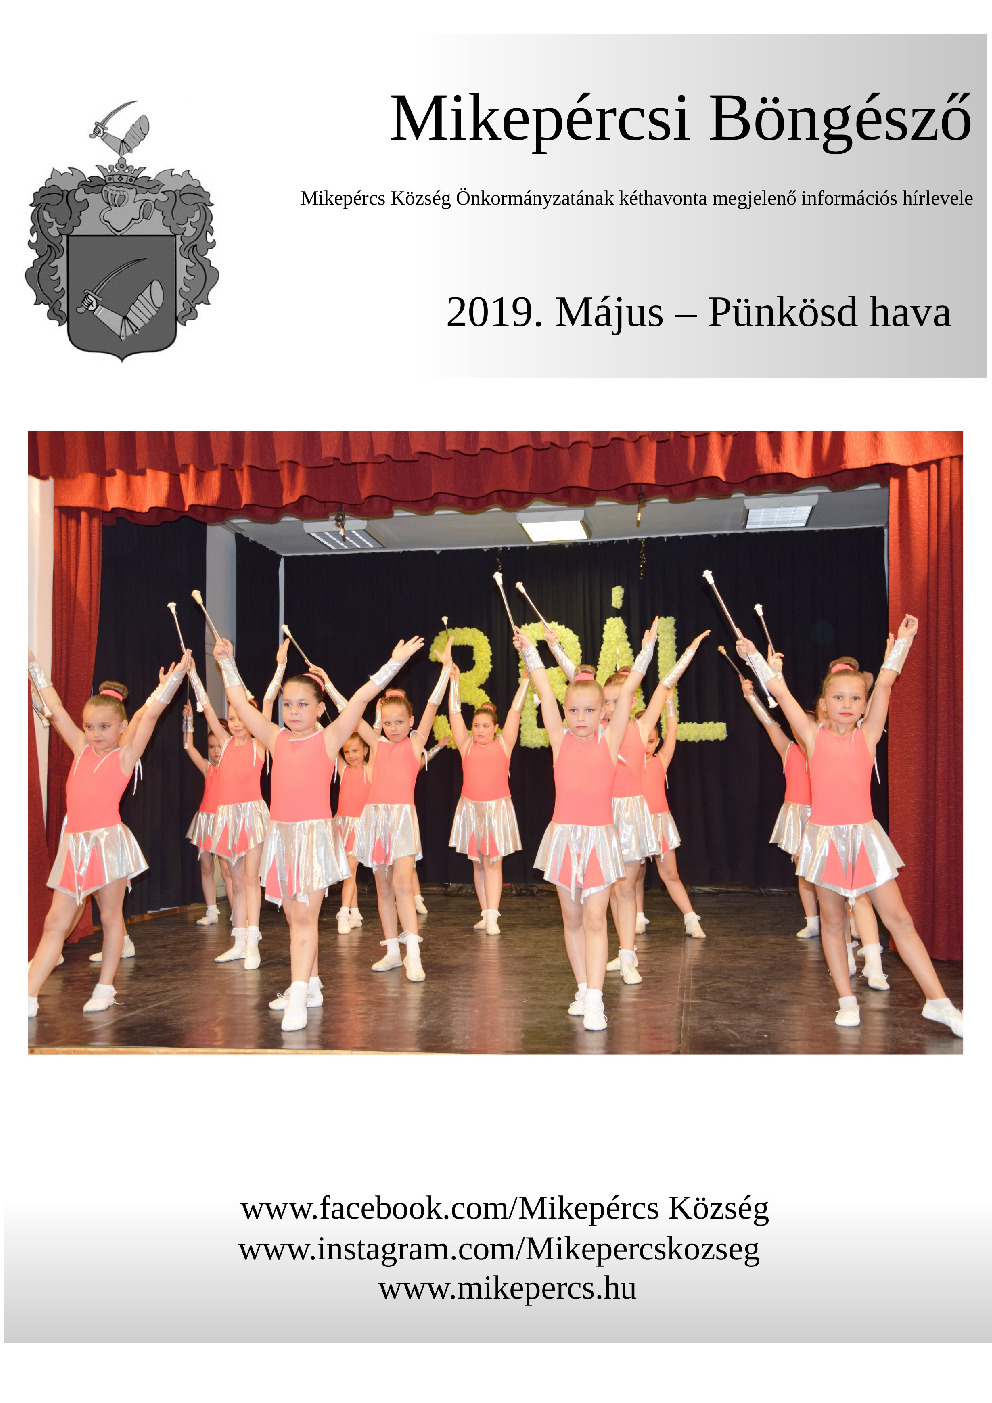 Mikepércsi Böngésző 2019. Május